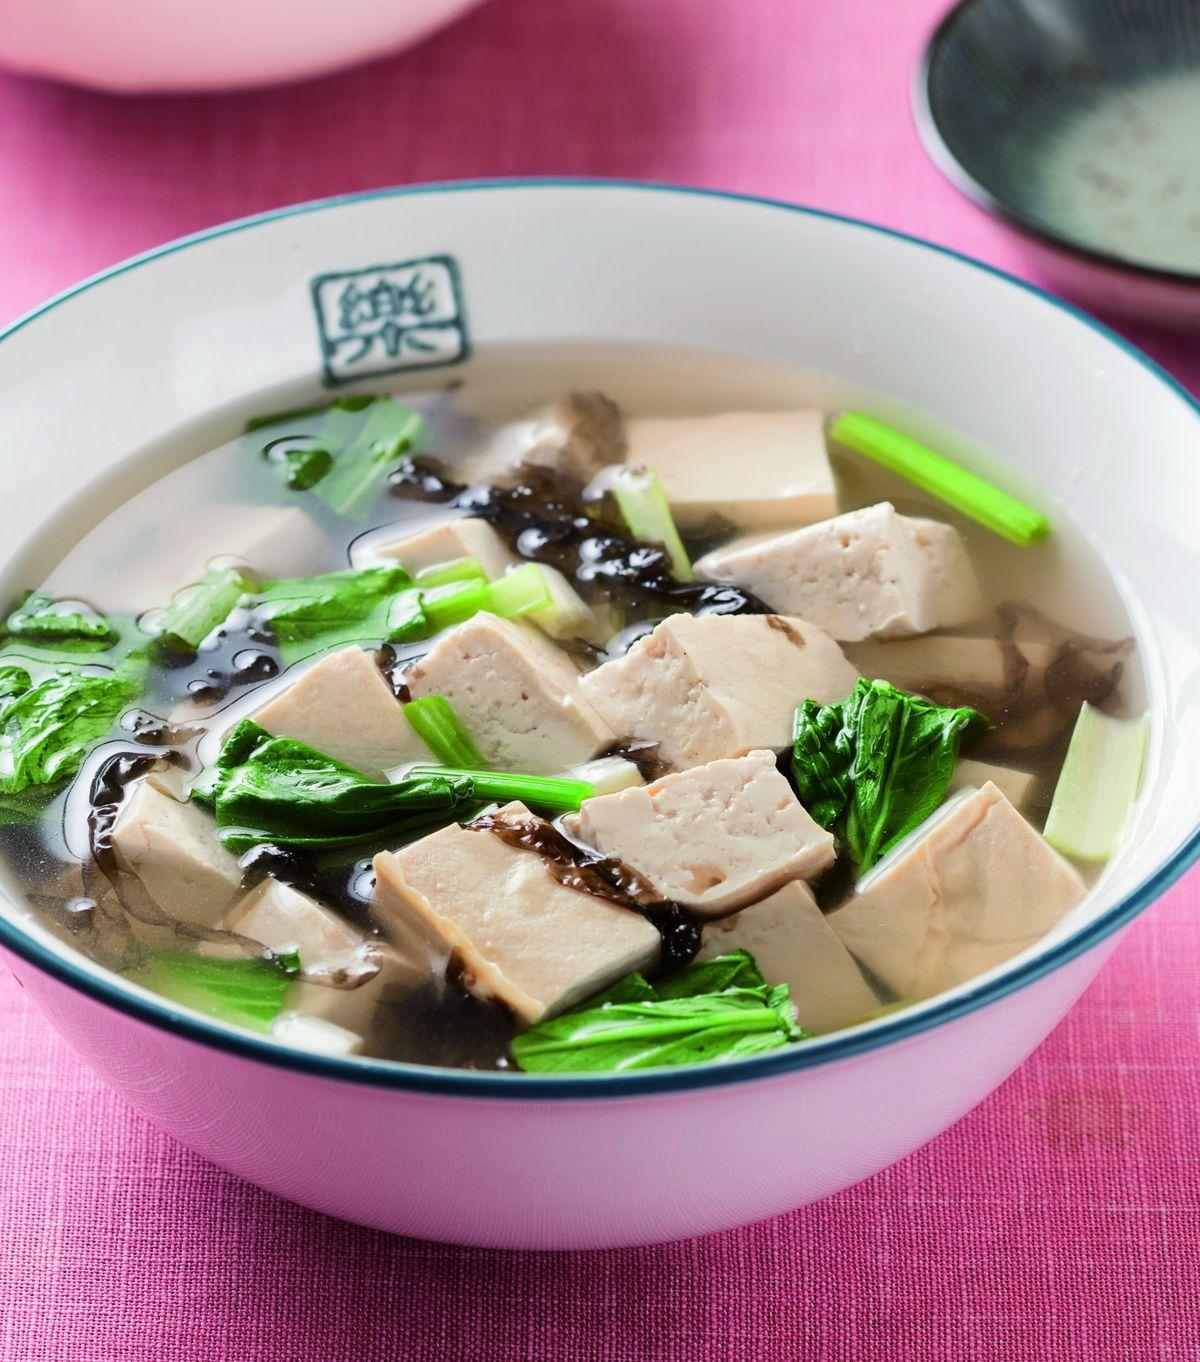 食譜:菠菜豆腐清湯